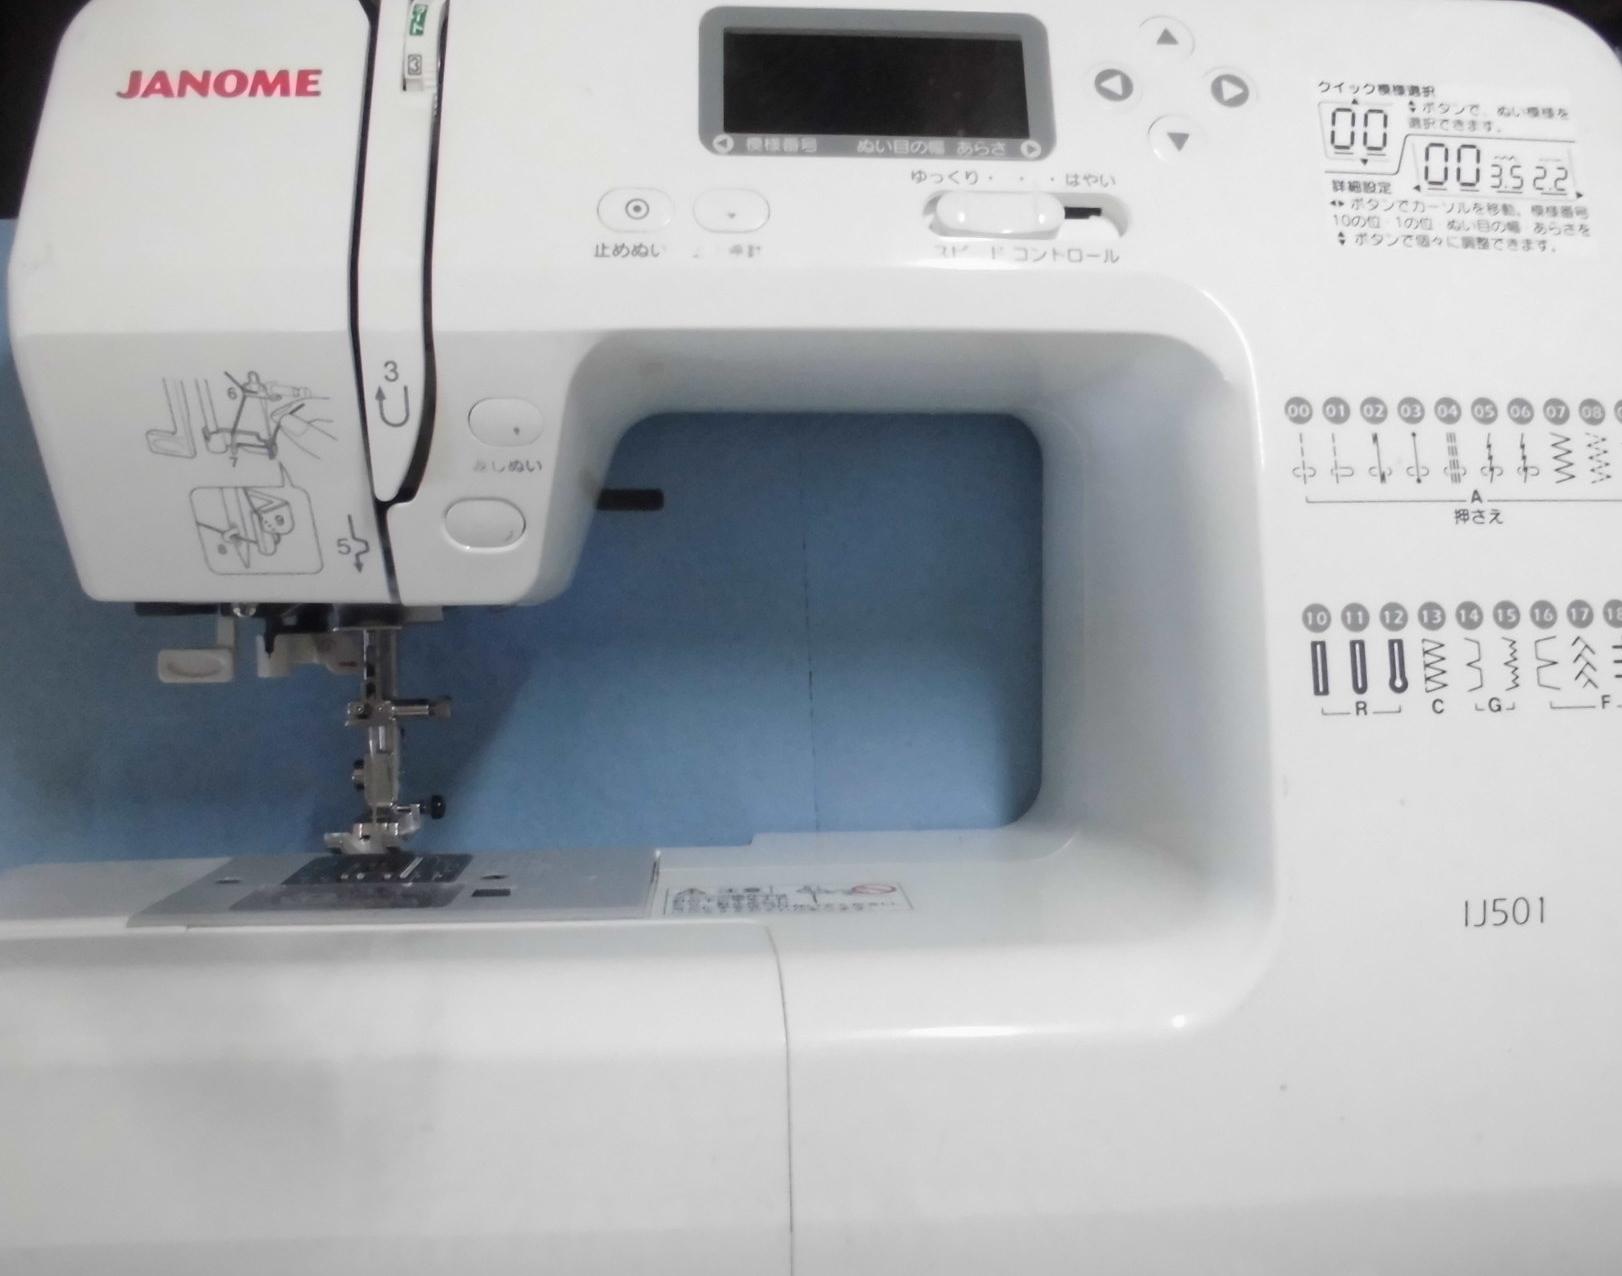 ジャノメミシン修理|IJ501|縫えない、動かない、釜が回らない、布を送らない